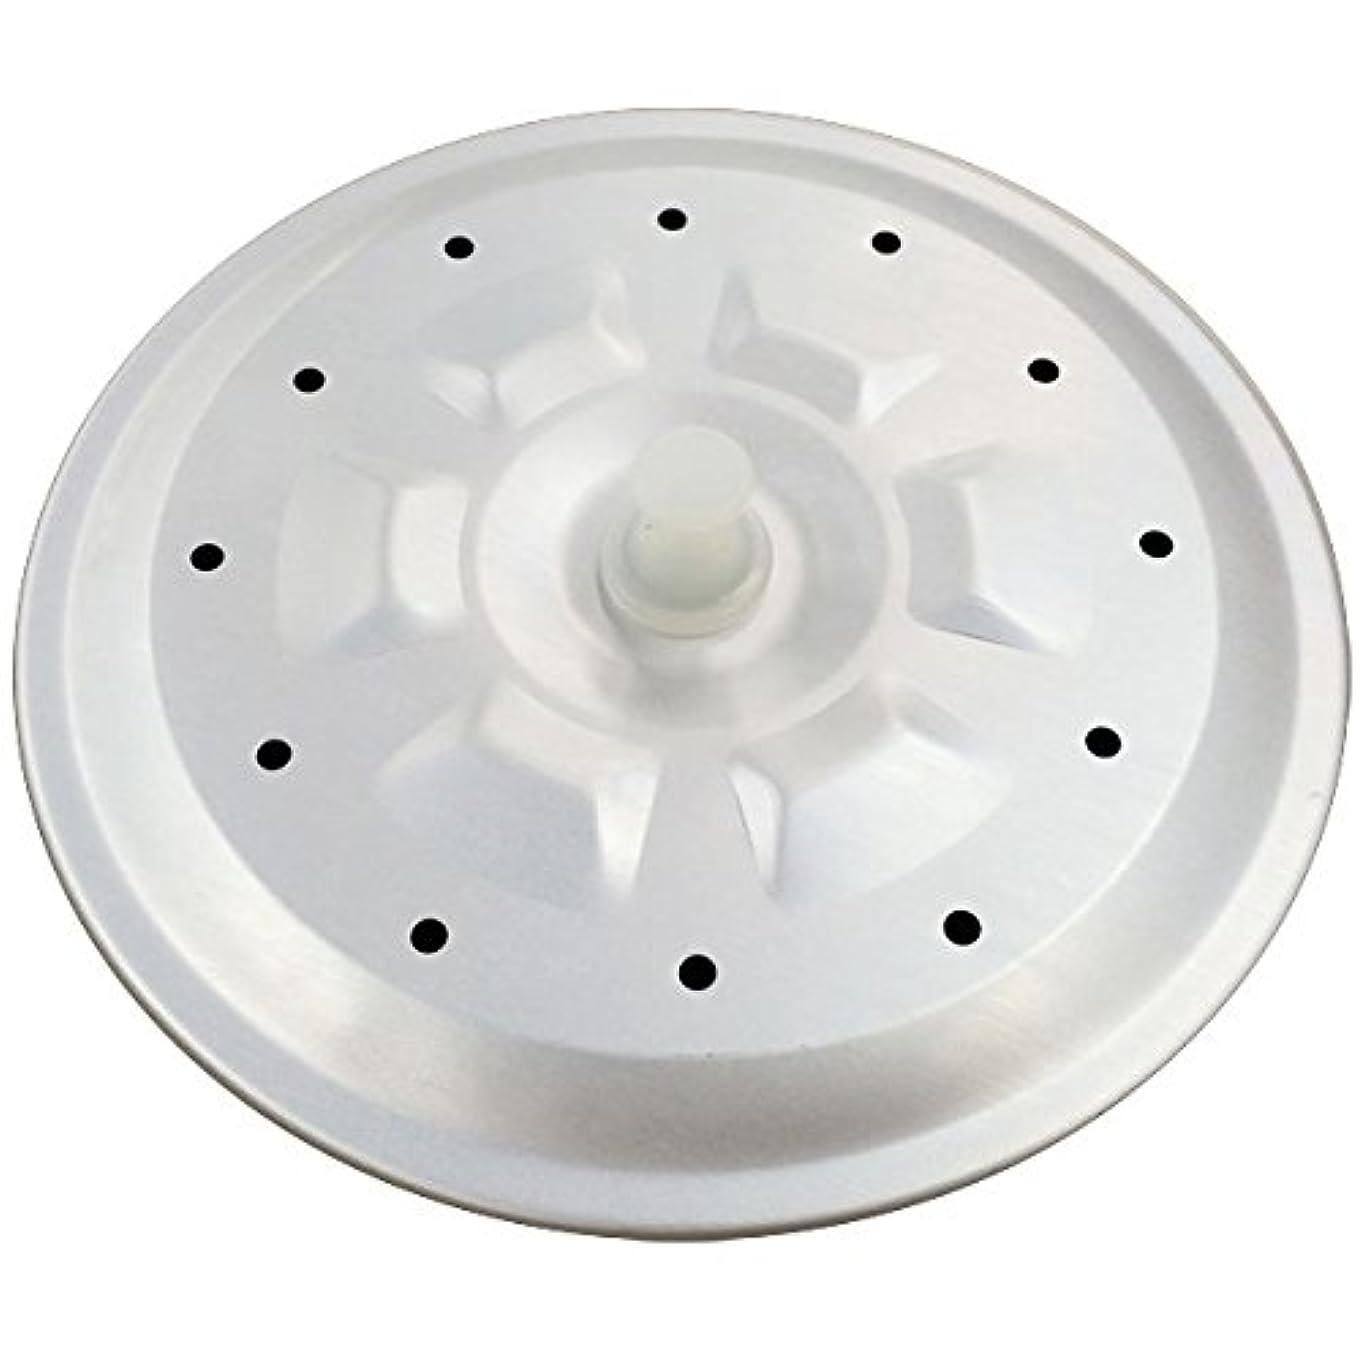 感動する冷笑する証拠シロカ 電気圧力鍋 内ふた SPC-101-UF (対応型番:SPC-211/SP-D131/D121)